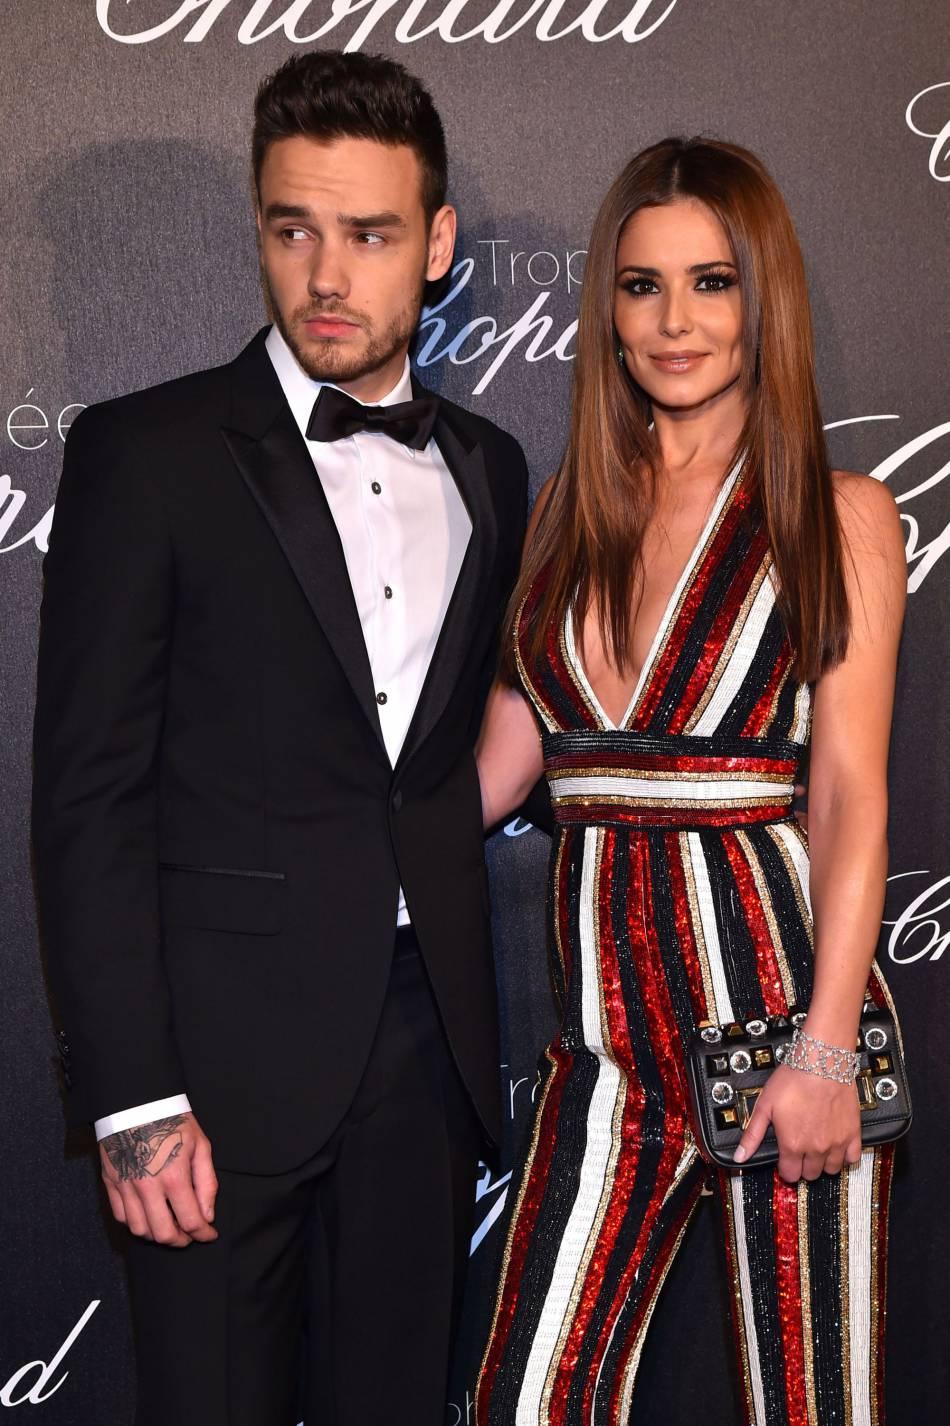 Liam Payne et Cheryl Cole lors de la cérémonie du Trophée Chopard organisé le 12 mai 2016 à Cannes.